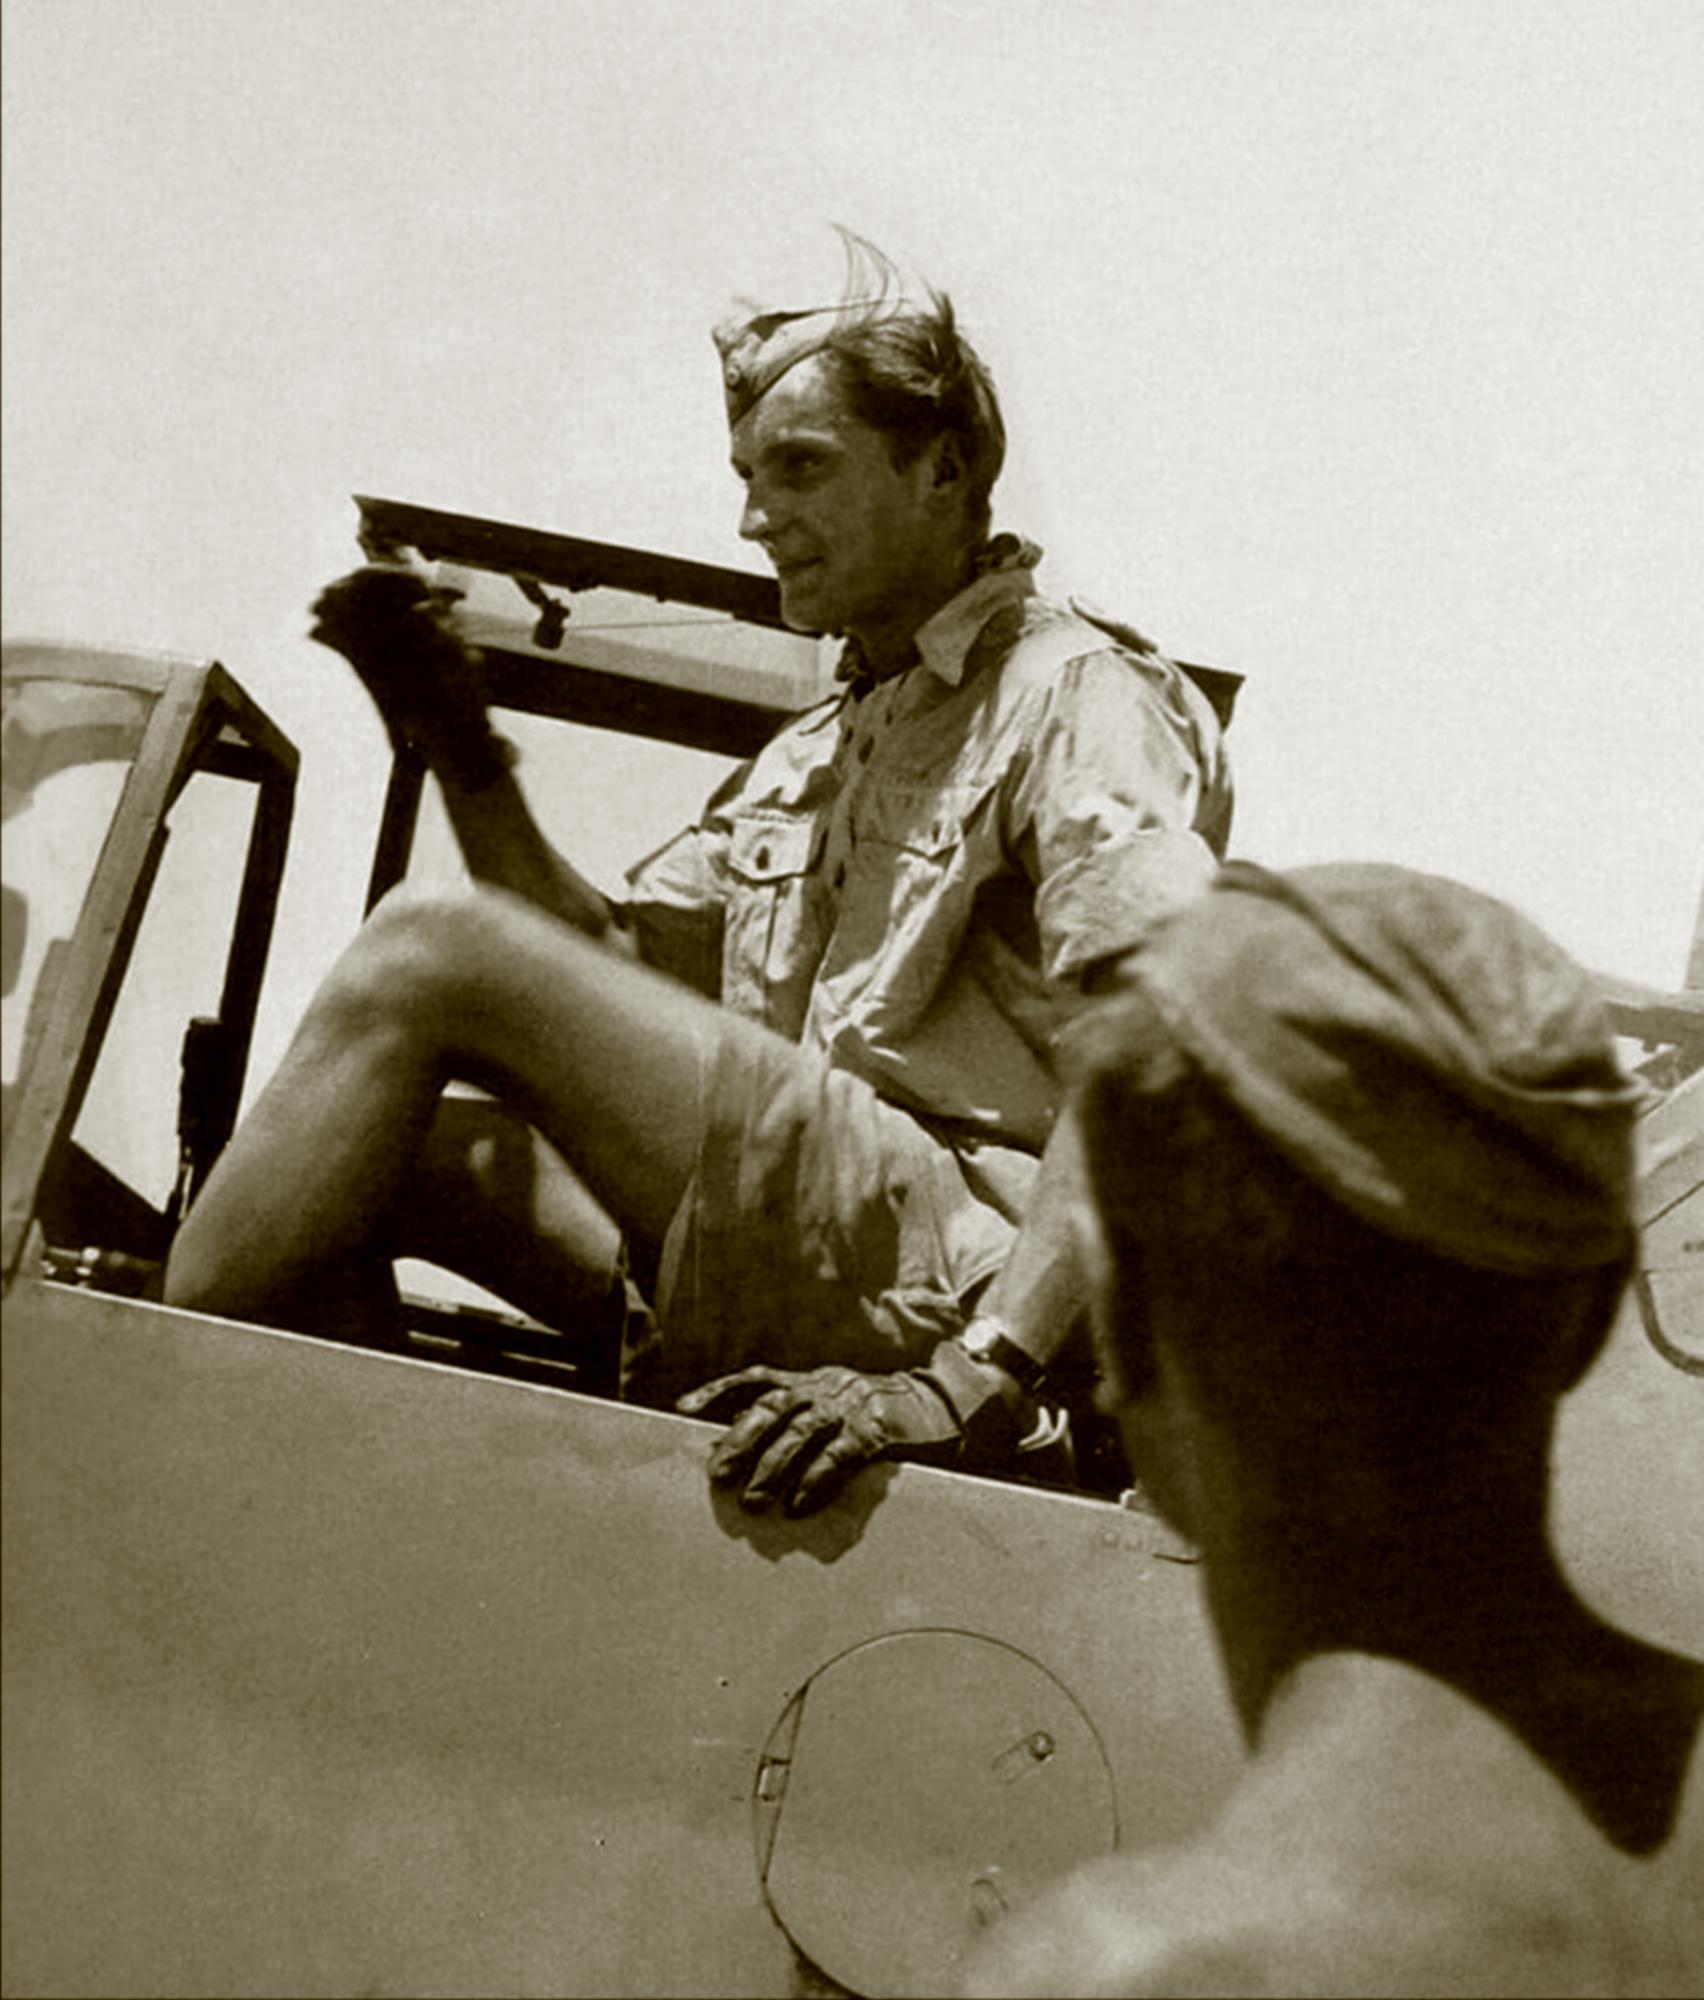 Aircrew Luftwaffe JG27 ace Hans Joachim Marseille North Africa 01